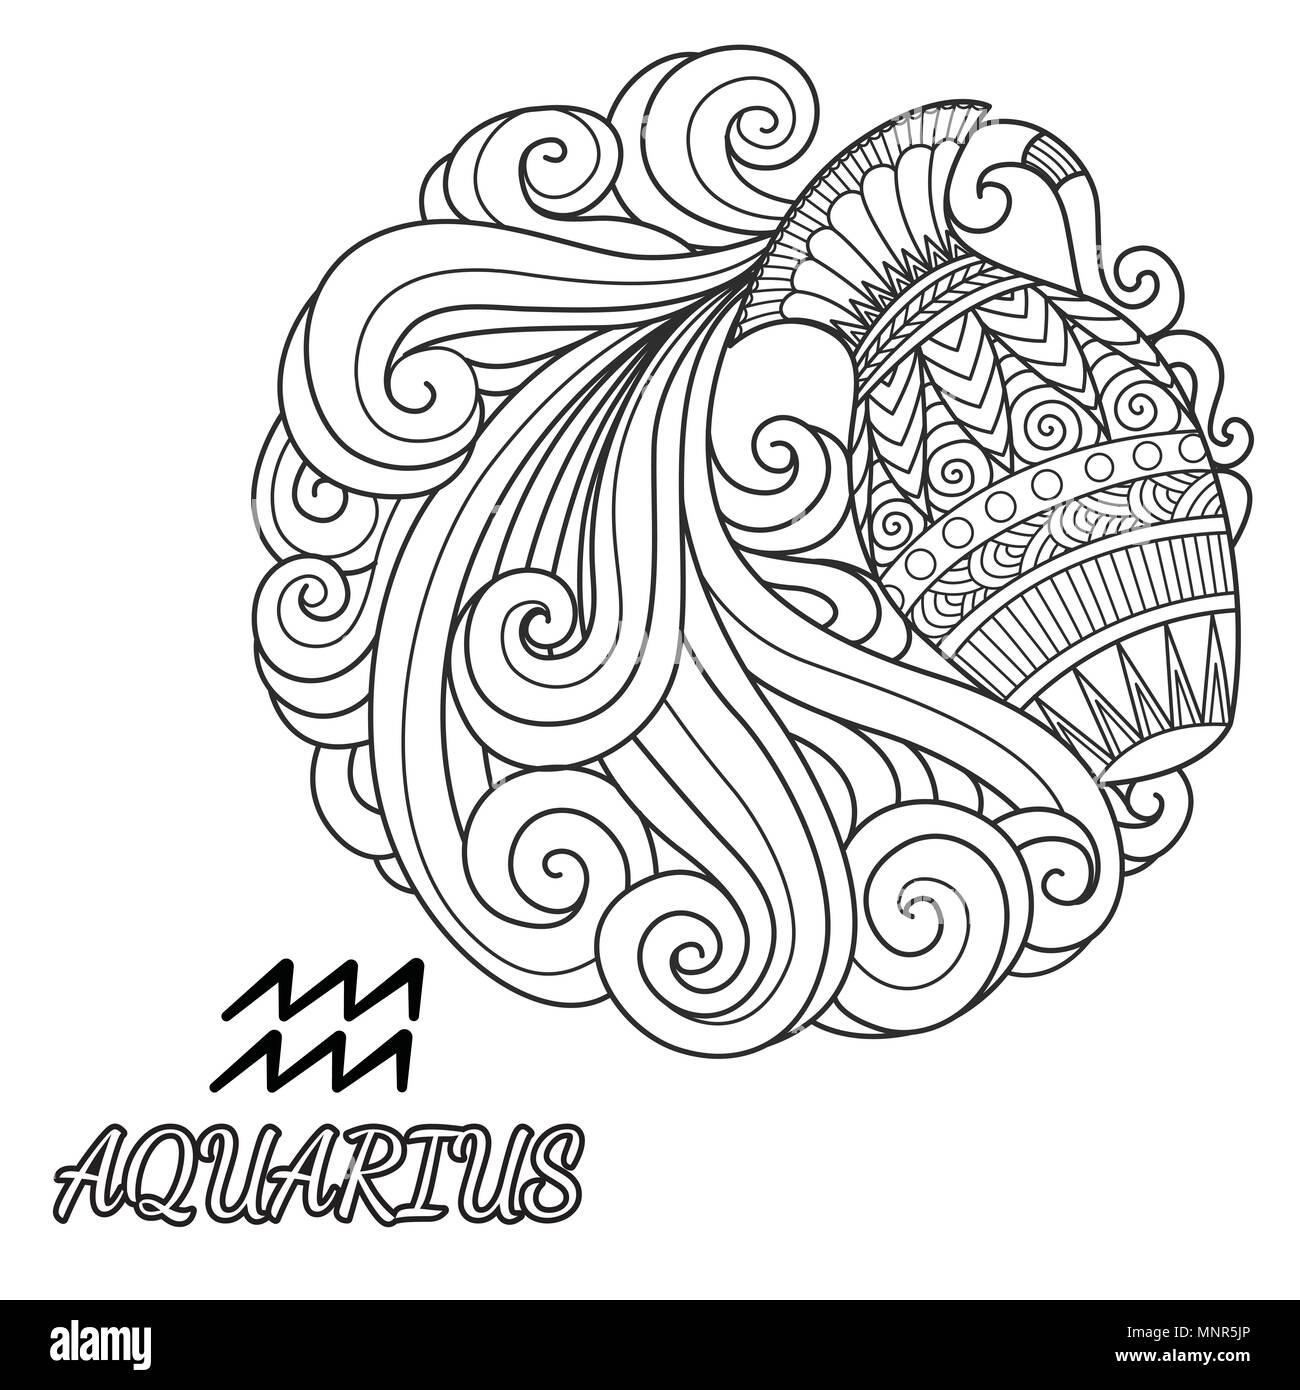 Disegno Acquario Segno Zodiacale.La Linea Art Design Dell Acquario Segno Zodiacale Per